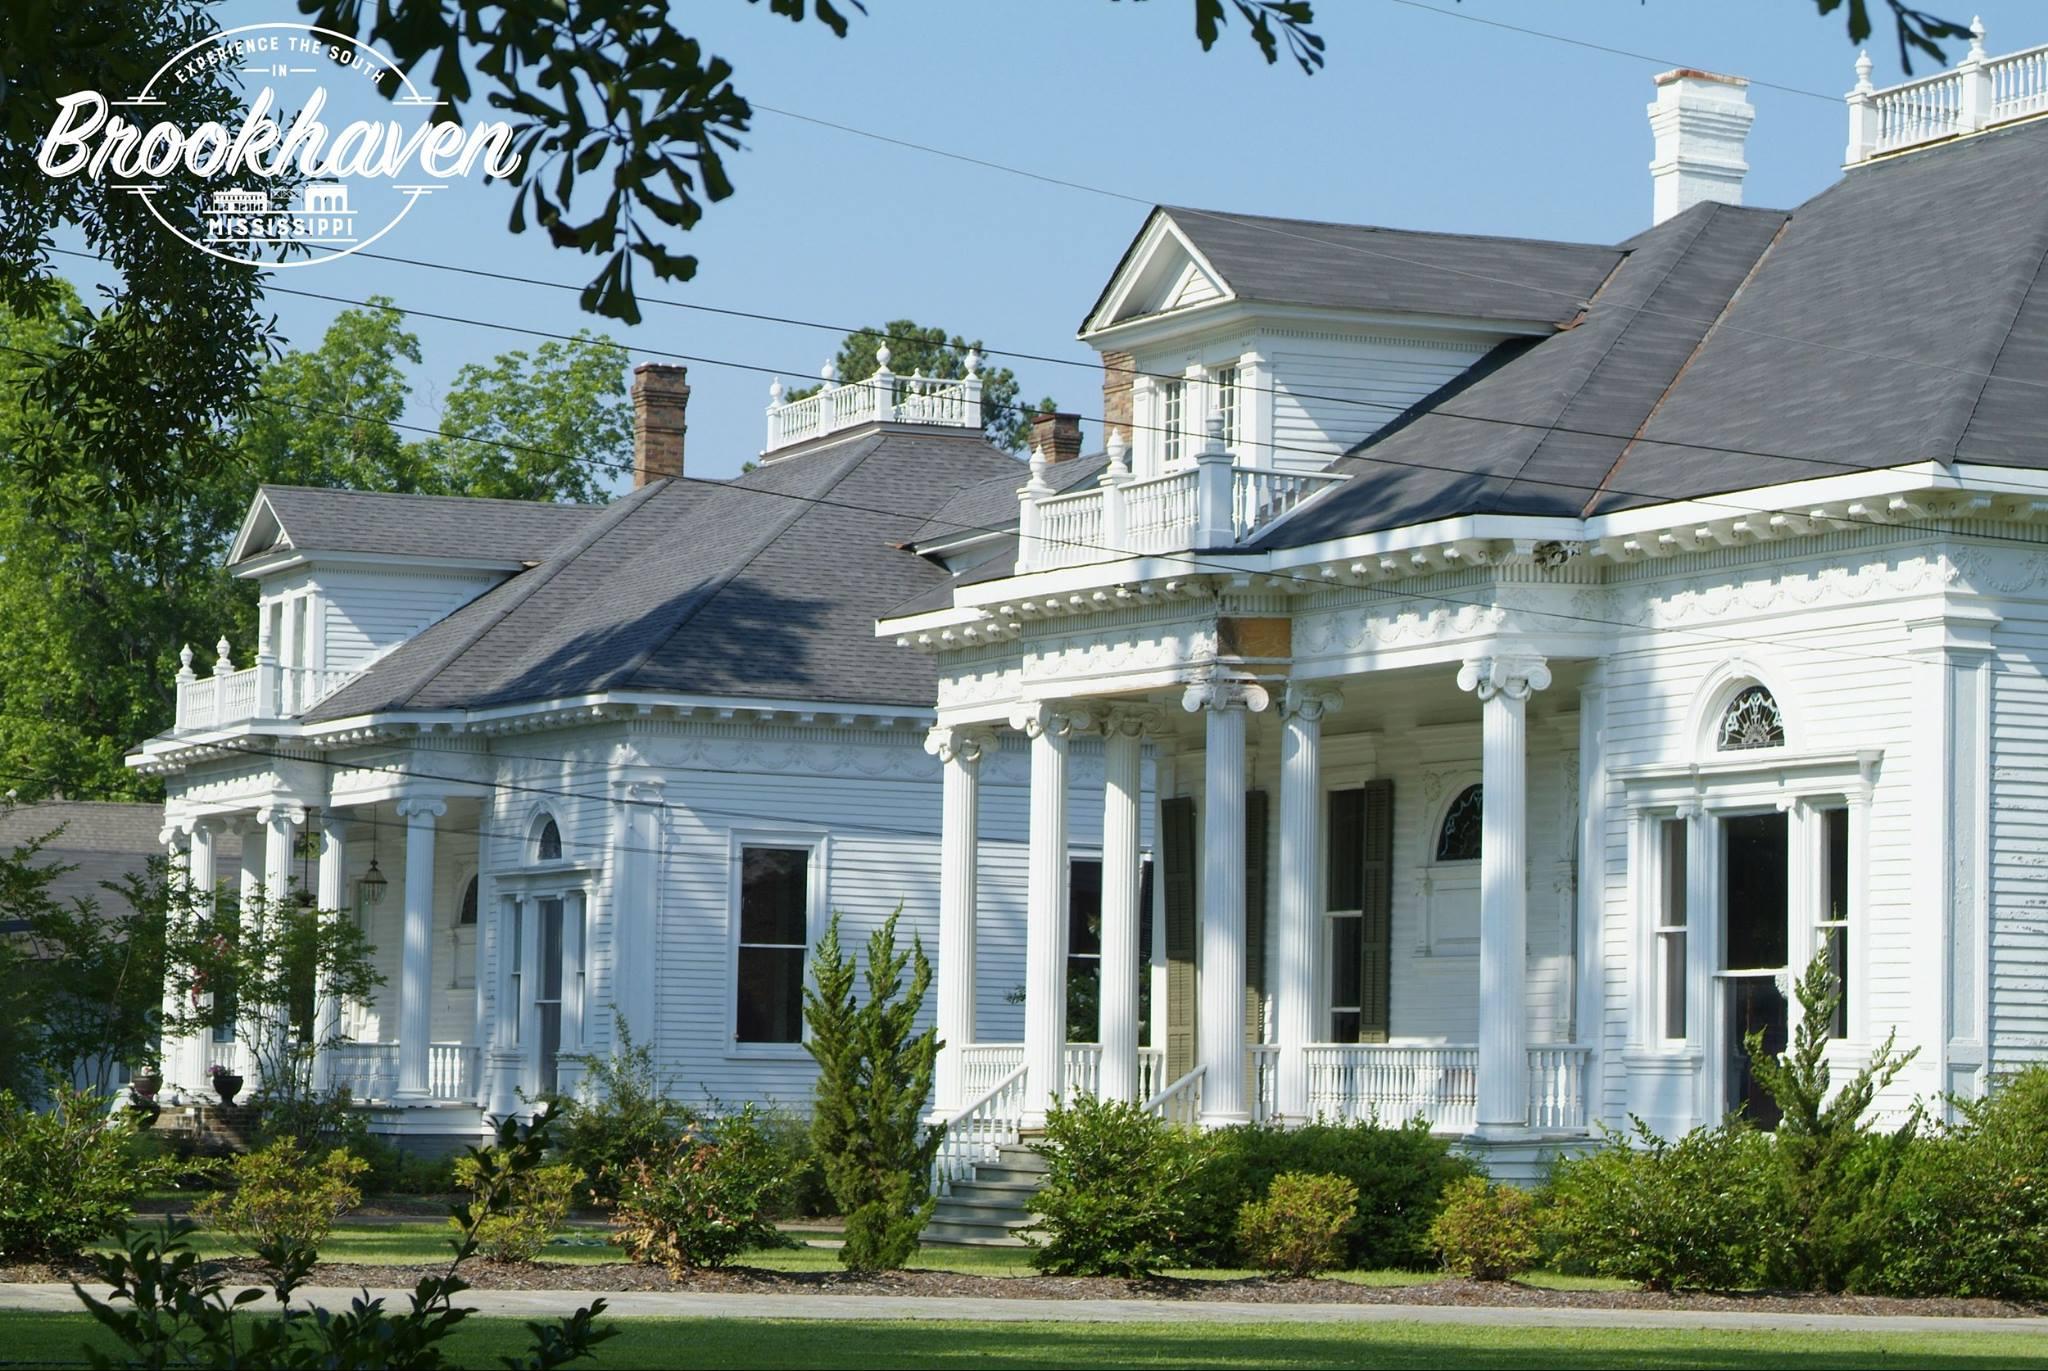 Old Towne Brookhaven Visit Brookhaven Mississippi